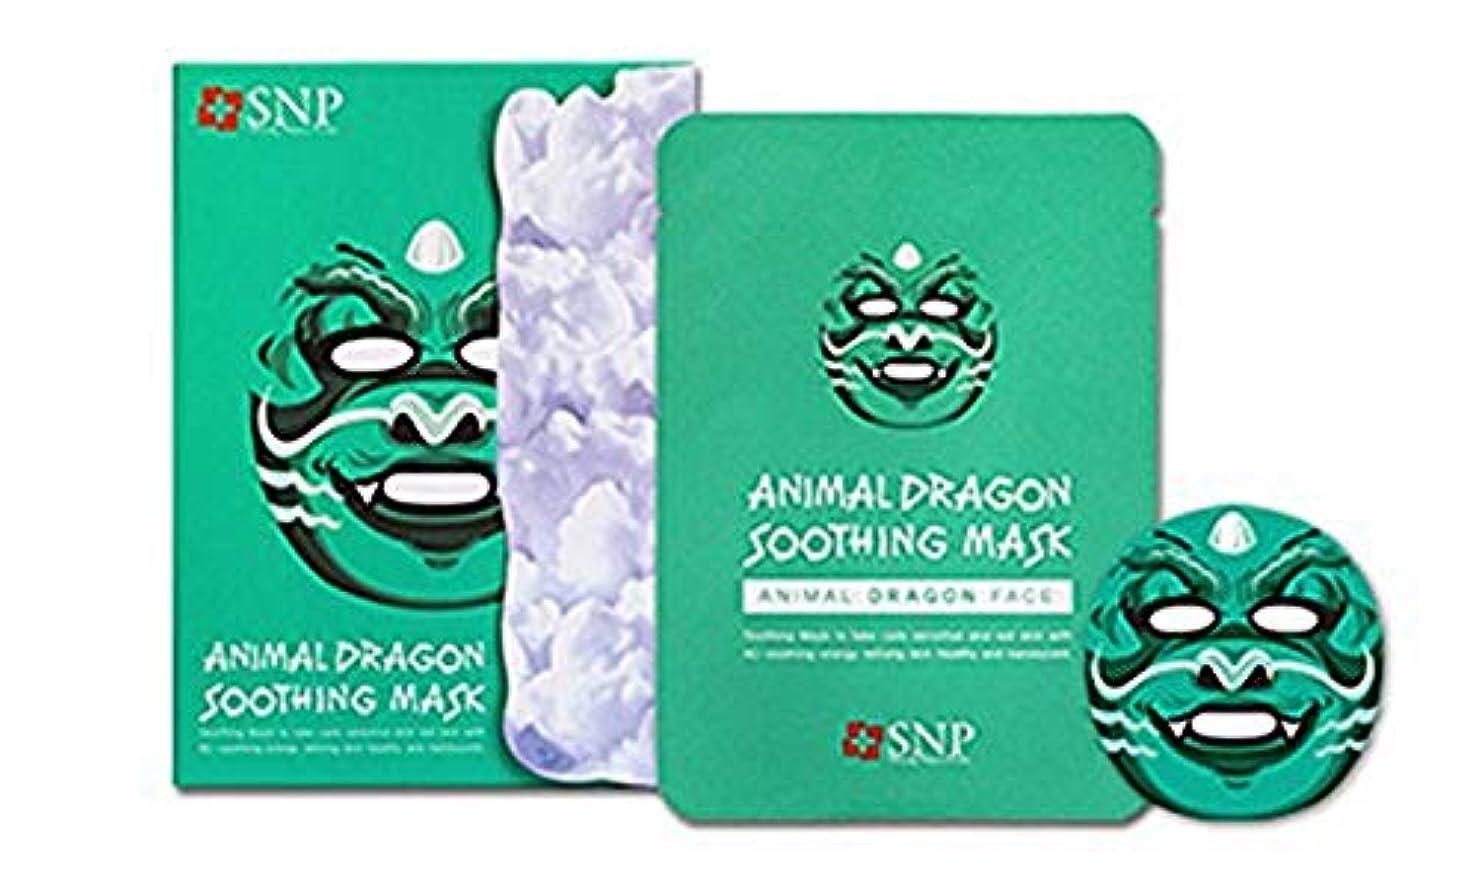 同意初心者一過性SNP アニマル ドラゴン スーディングリンマスク10枚 / animal dargon soothing mask 10ea[海外直送品]